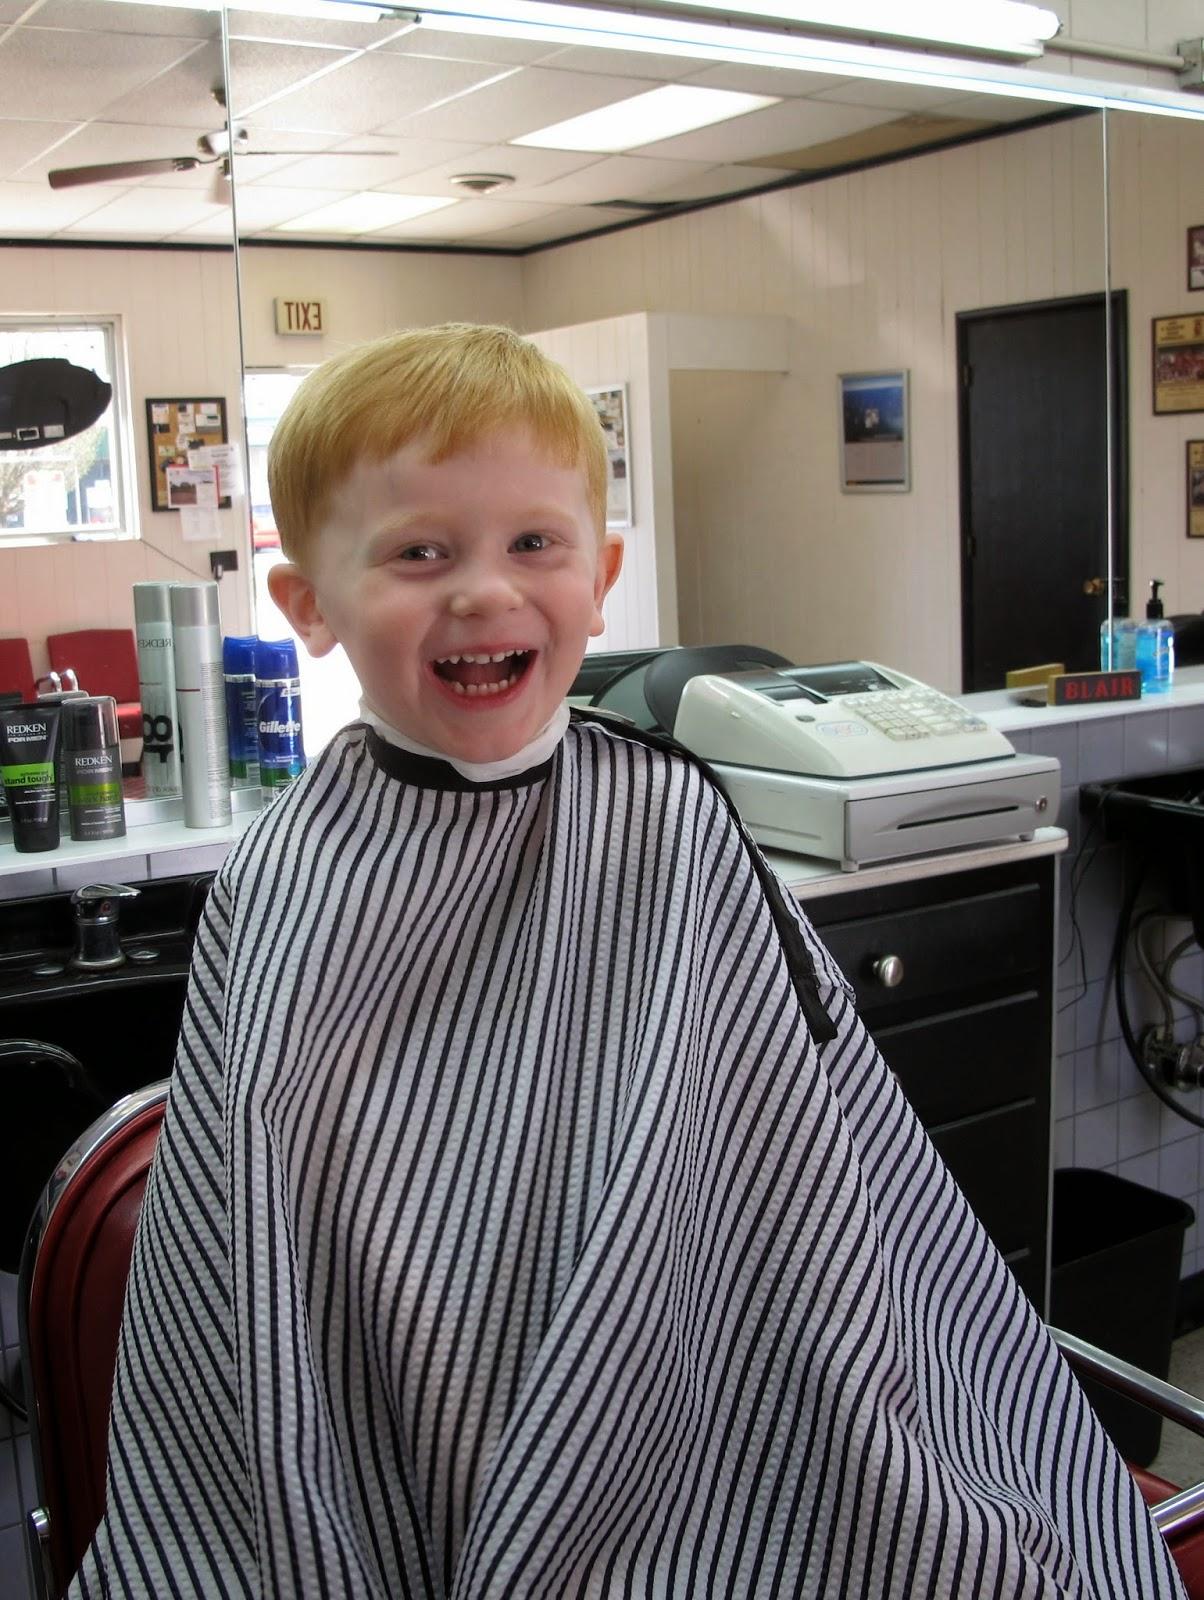 Porter's Hair Cut